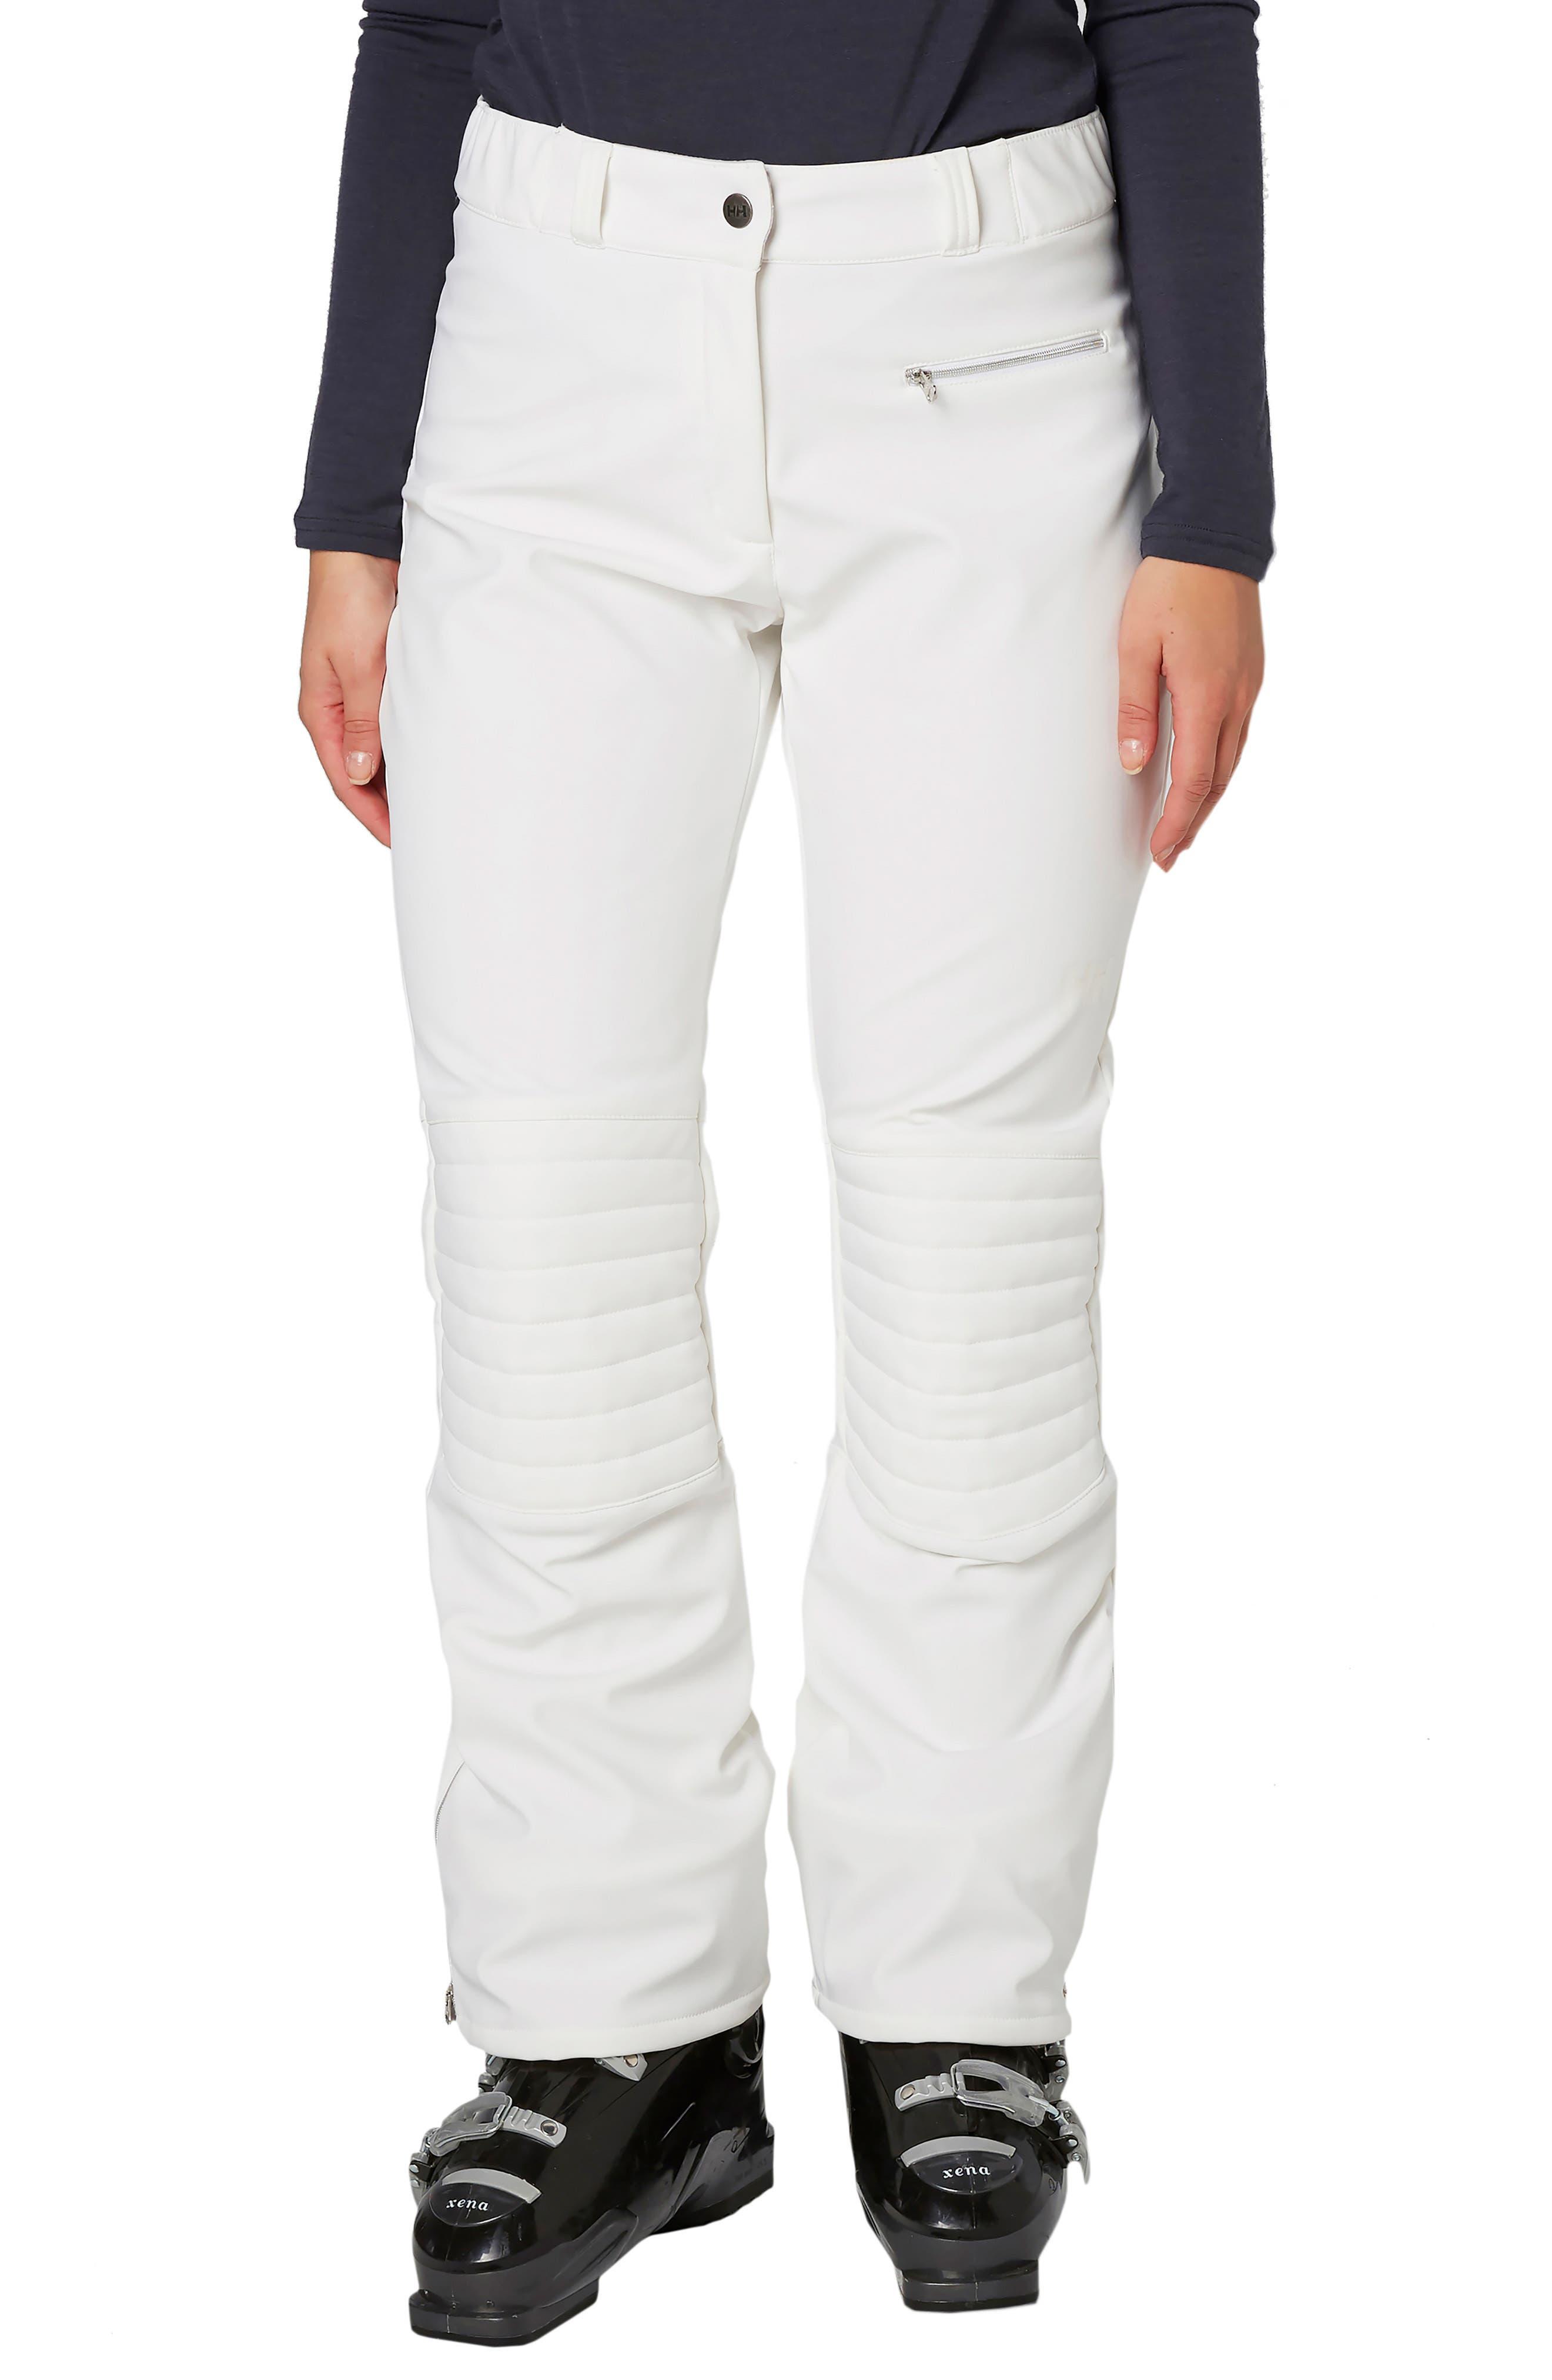 Bellissimo Ski Pants, Main, color, 100